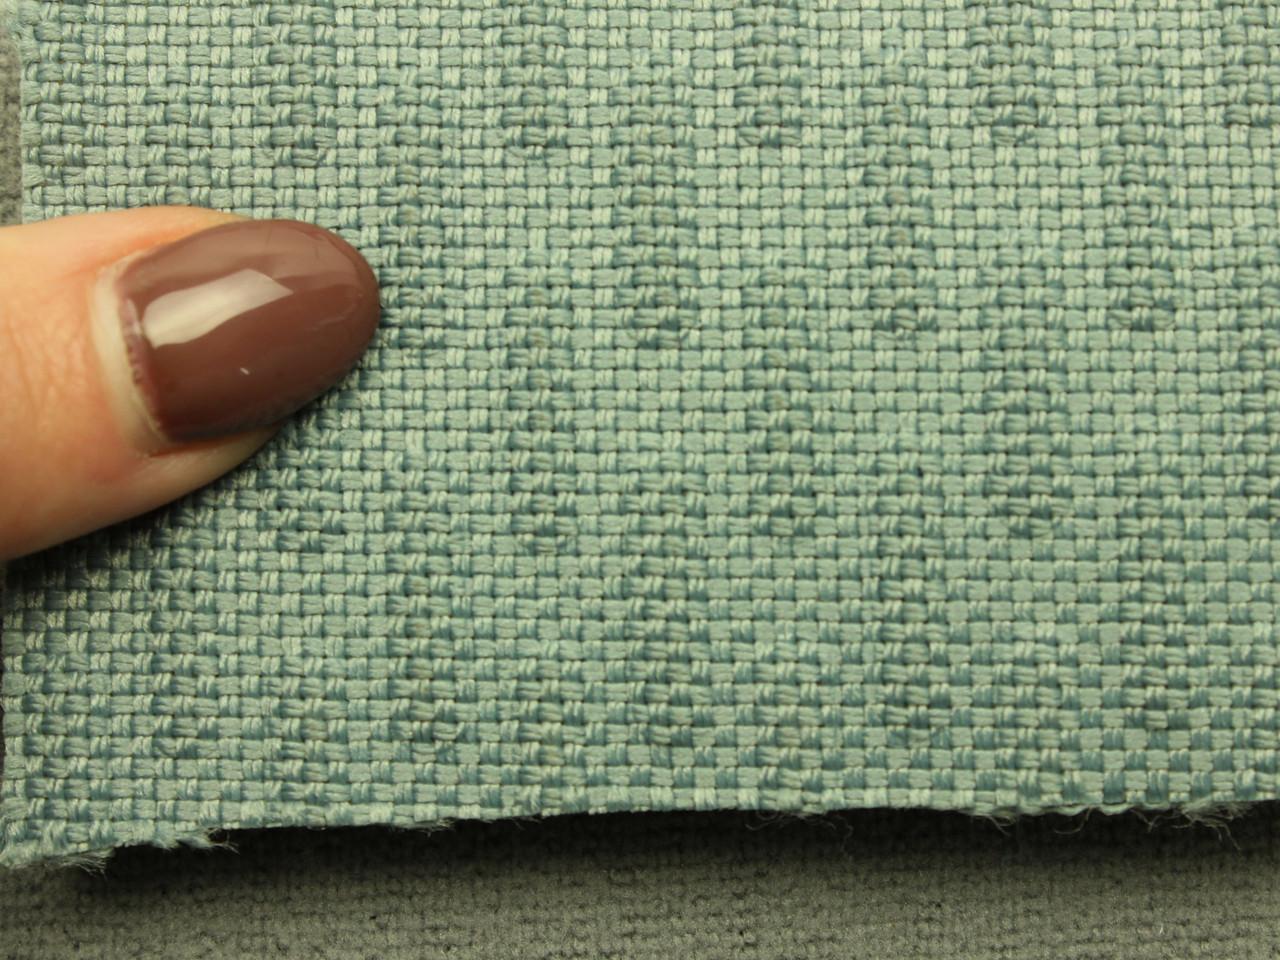 Ткань для сидений автомобиля, цвет светло-серый, на поролоне (для центральной части), Германия